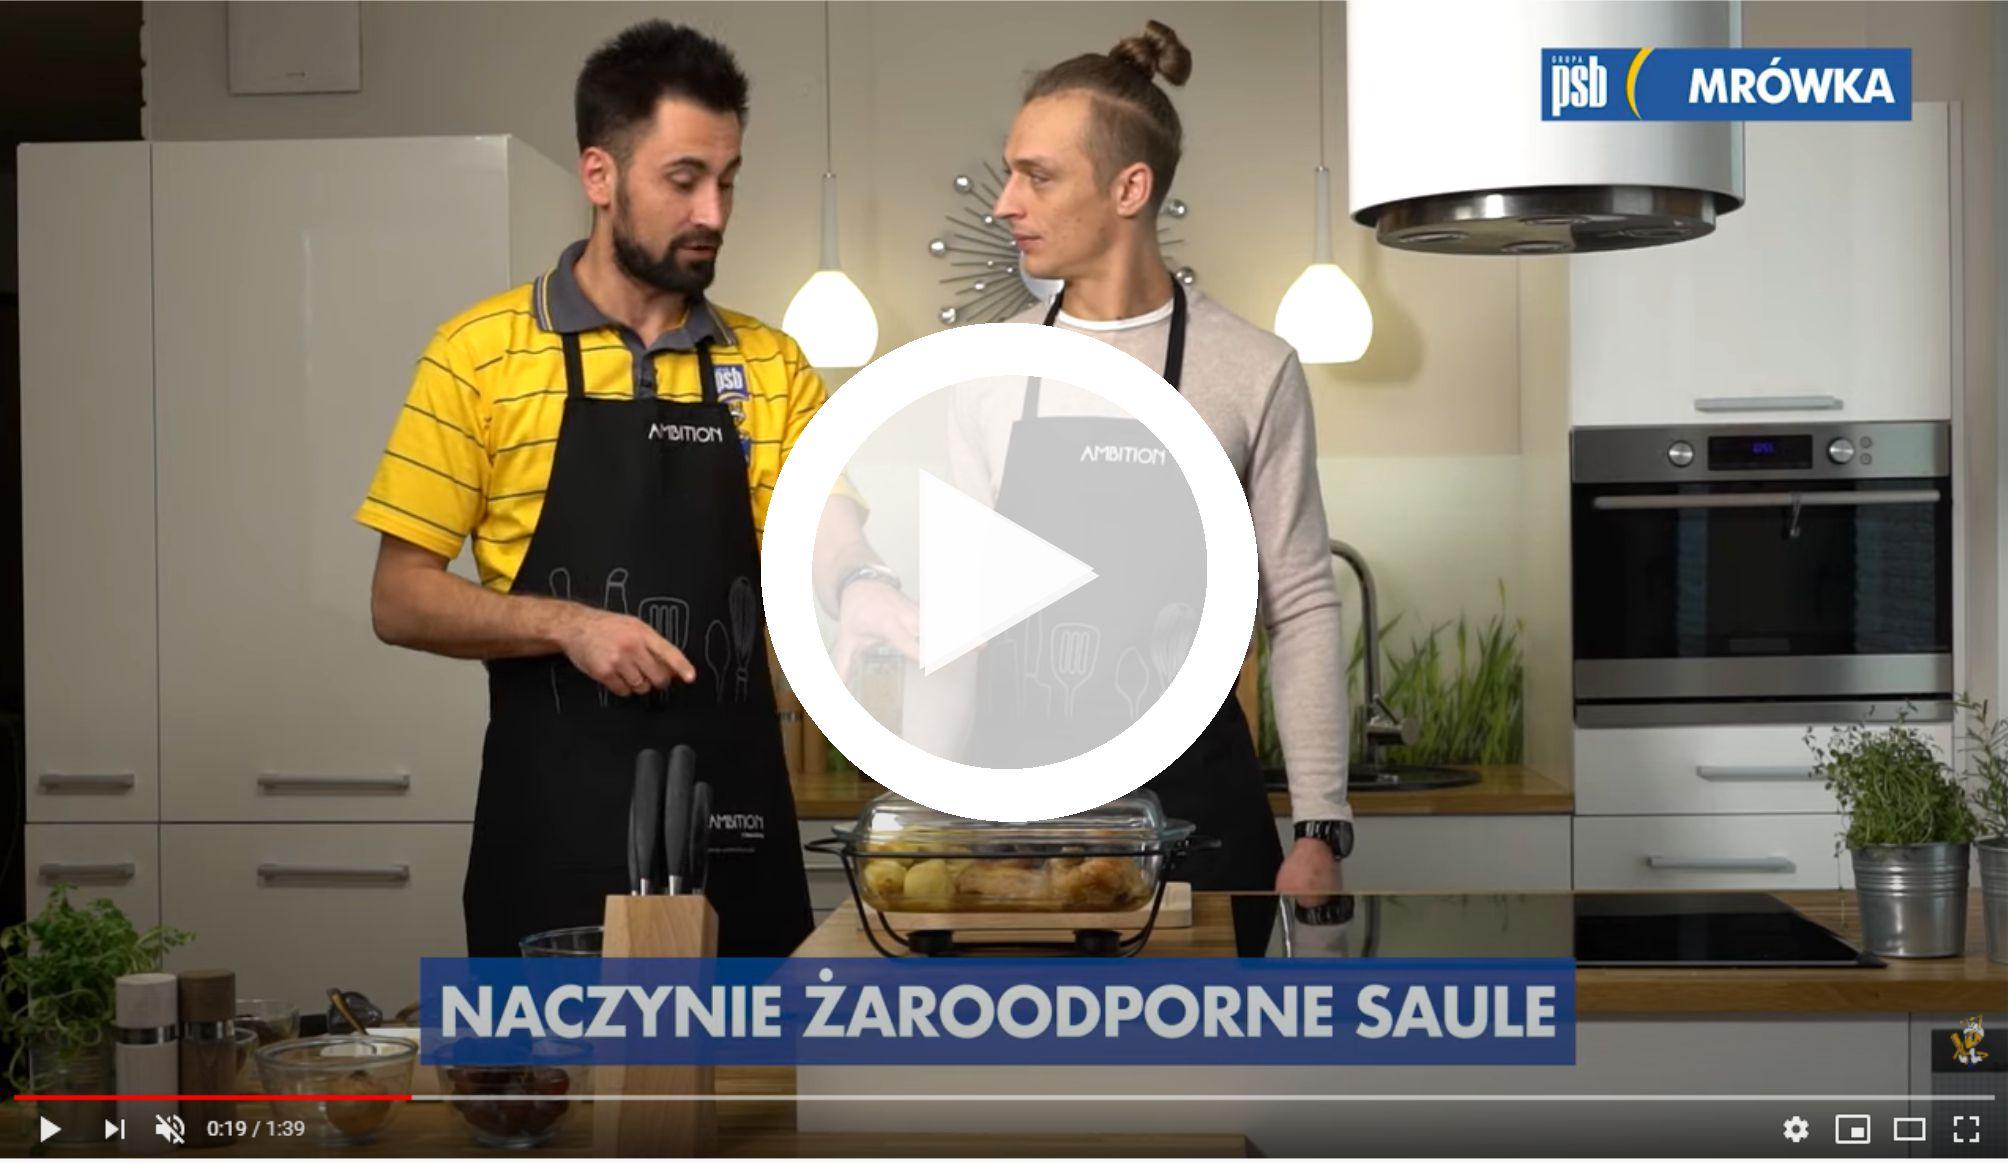 przygotuj-salatke-zgodnie-z-idea-zero-waste